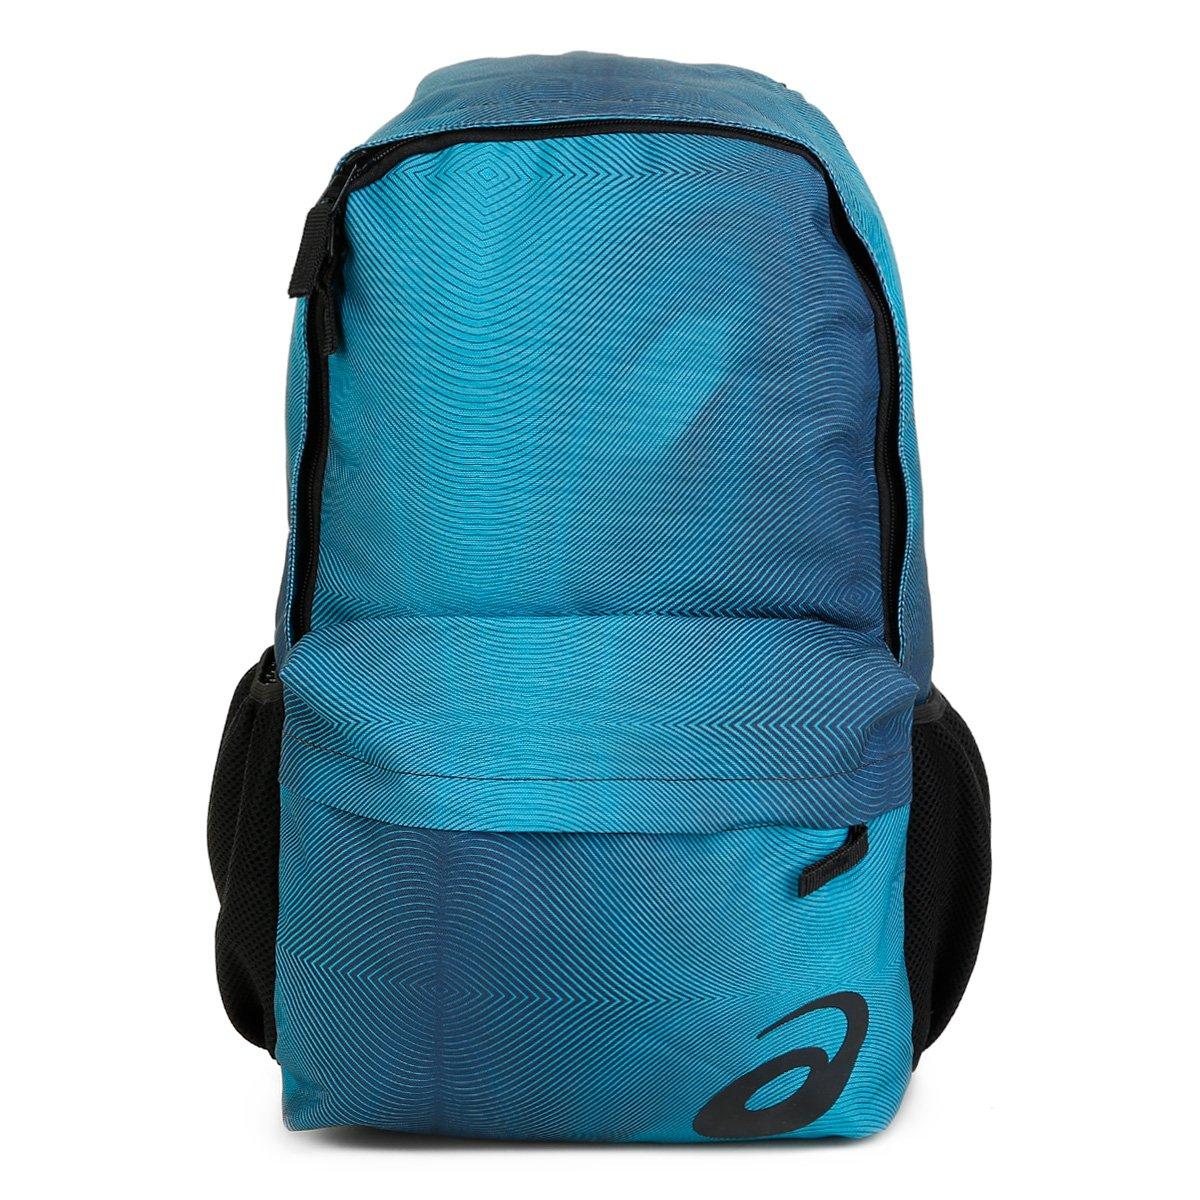 Mochila Asics Legends Backpack